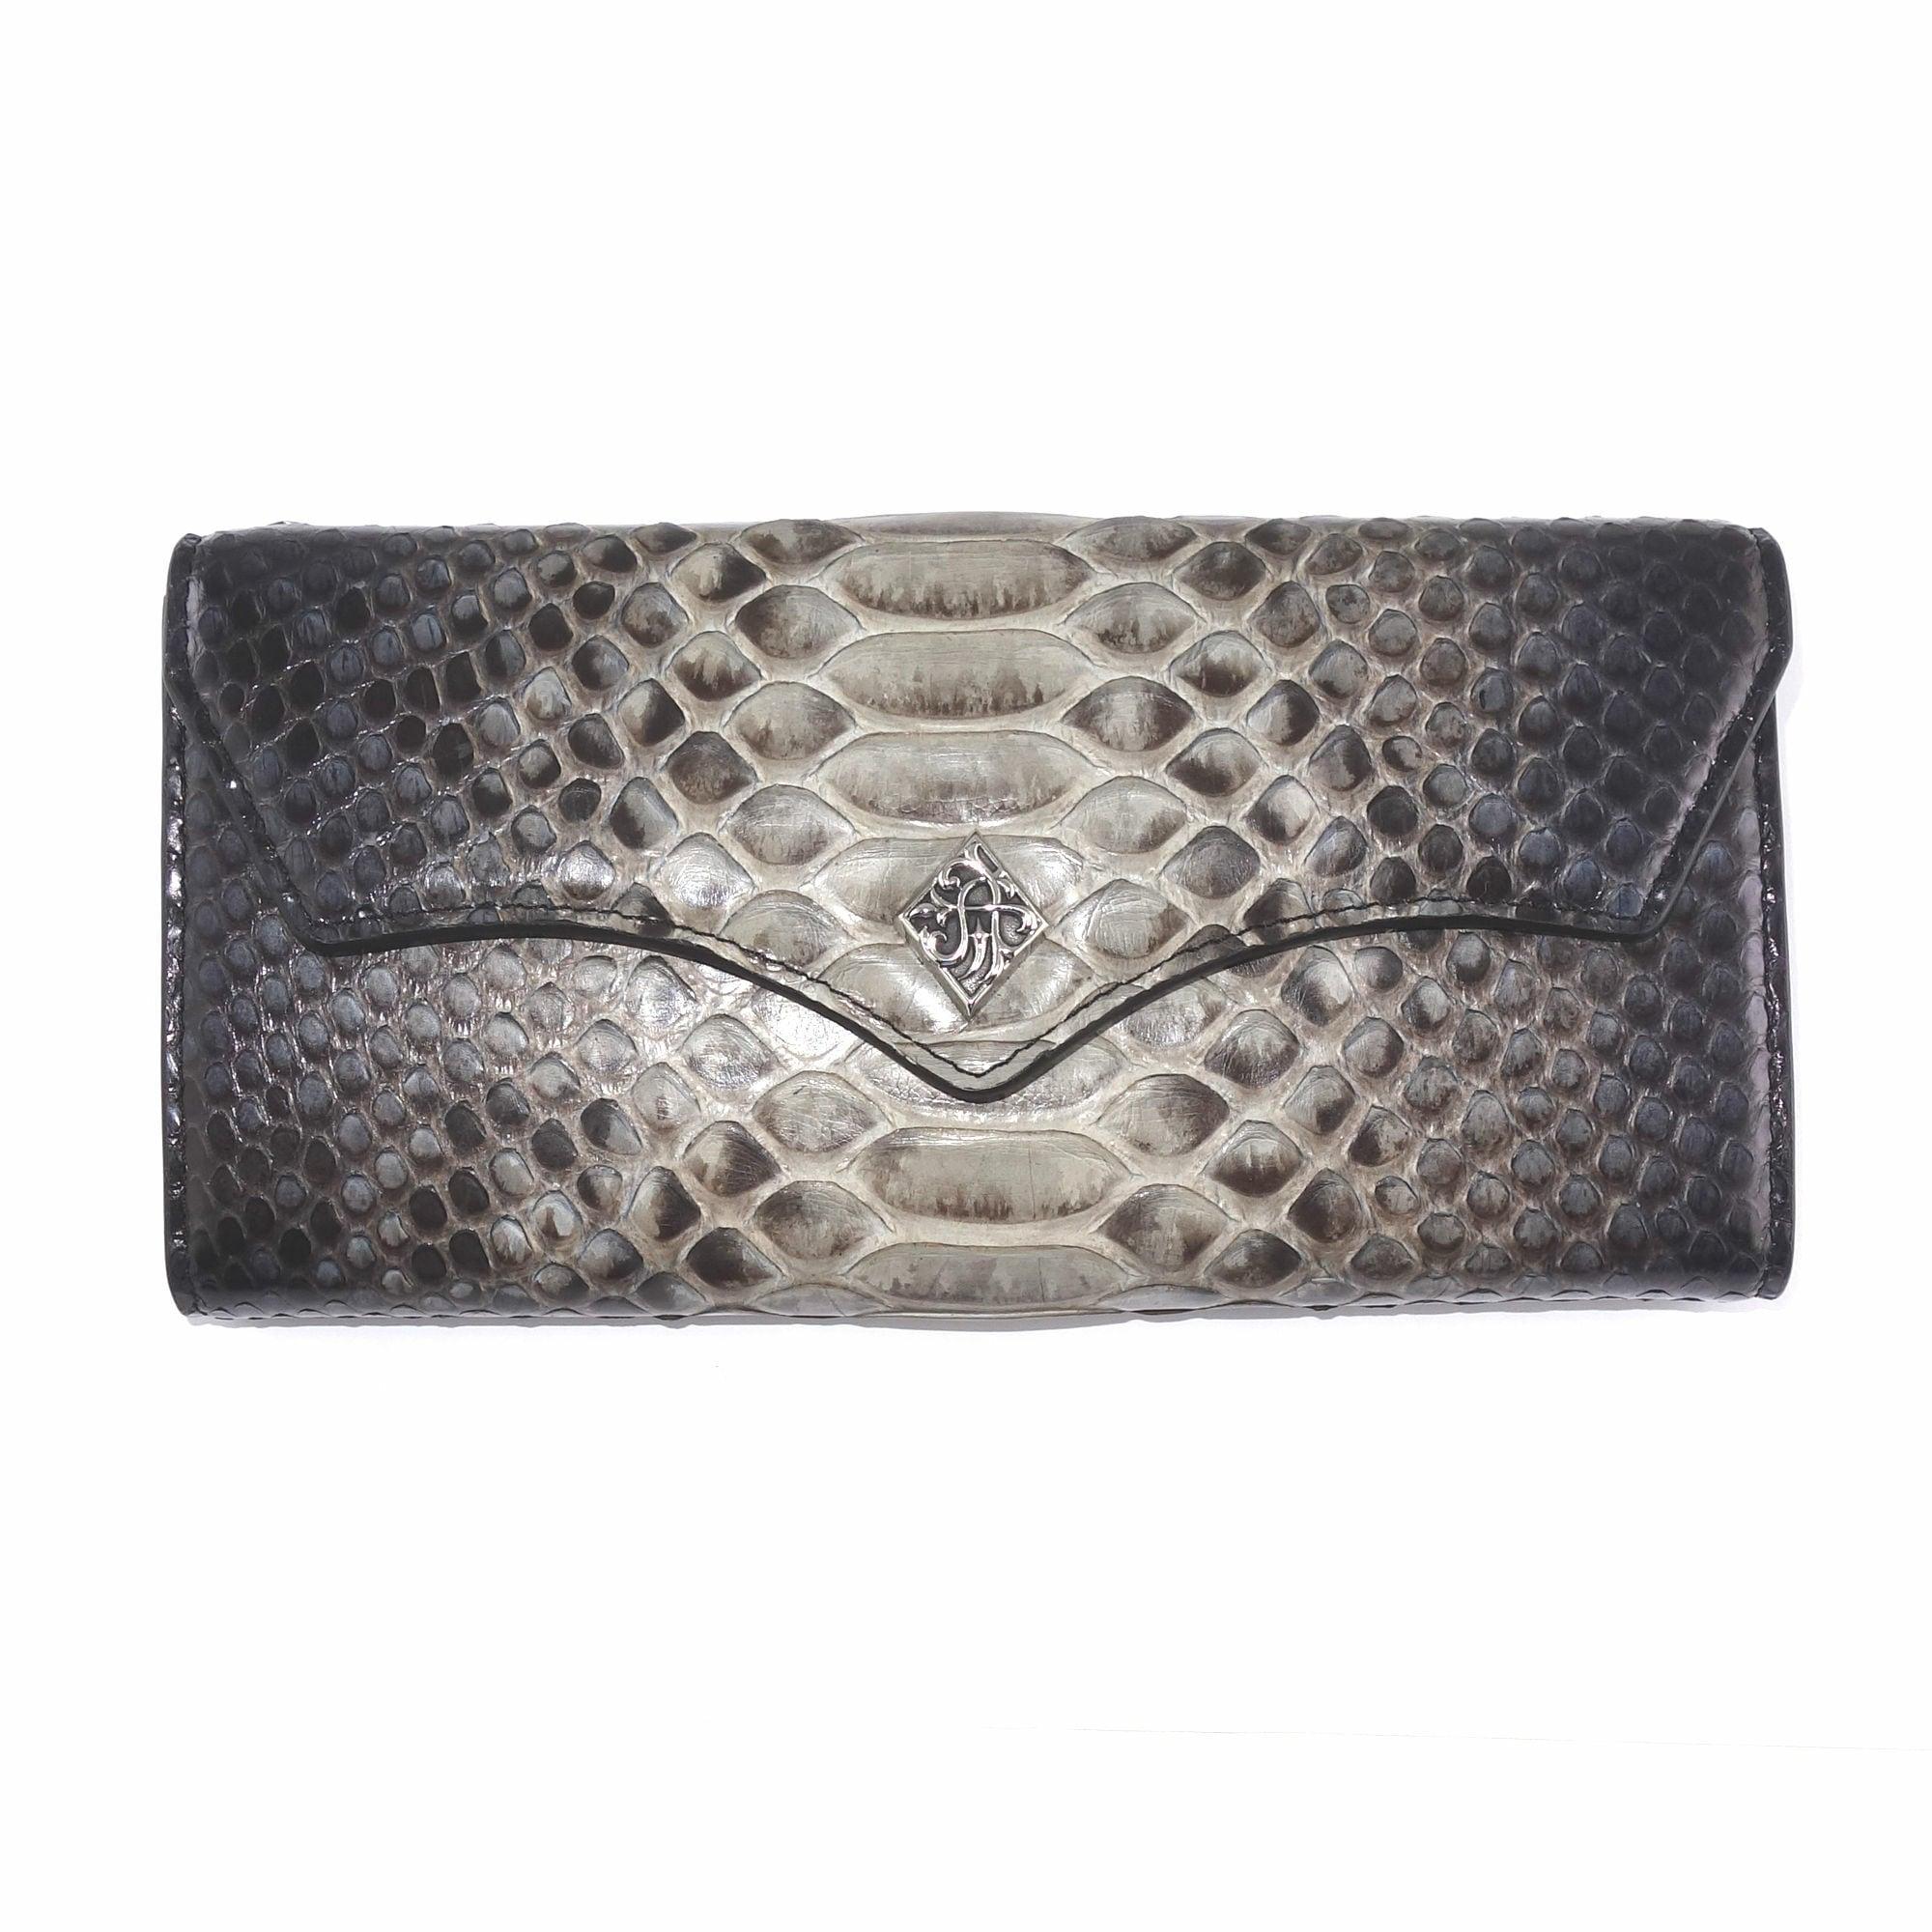 グラデーショングレーパイソンロングウォレット ACW0007 Gradient gray python long wallet